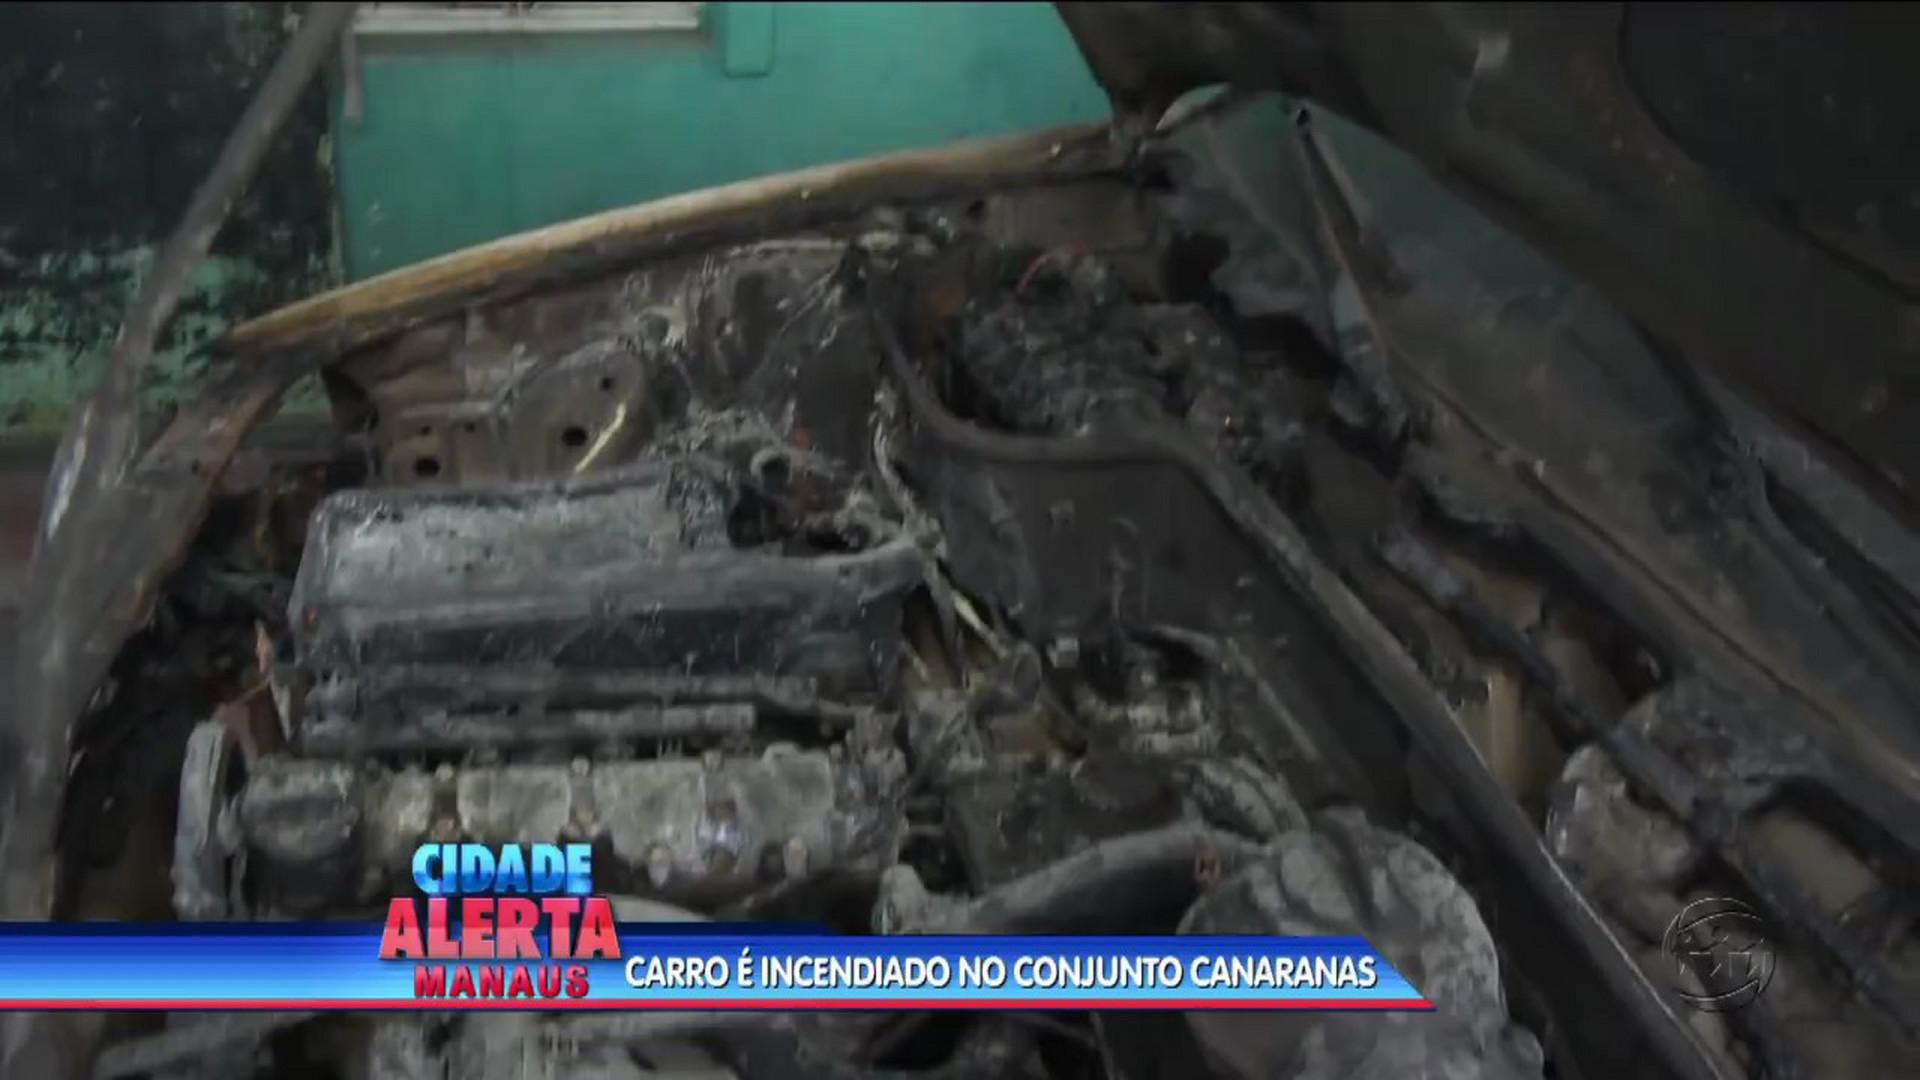 HOMEM ATEIA FOGO PROPOSITALMENTE EM CARRO - CIDADE ALERTA MANAUS - 15/08/17